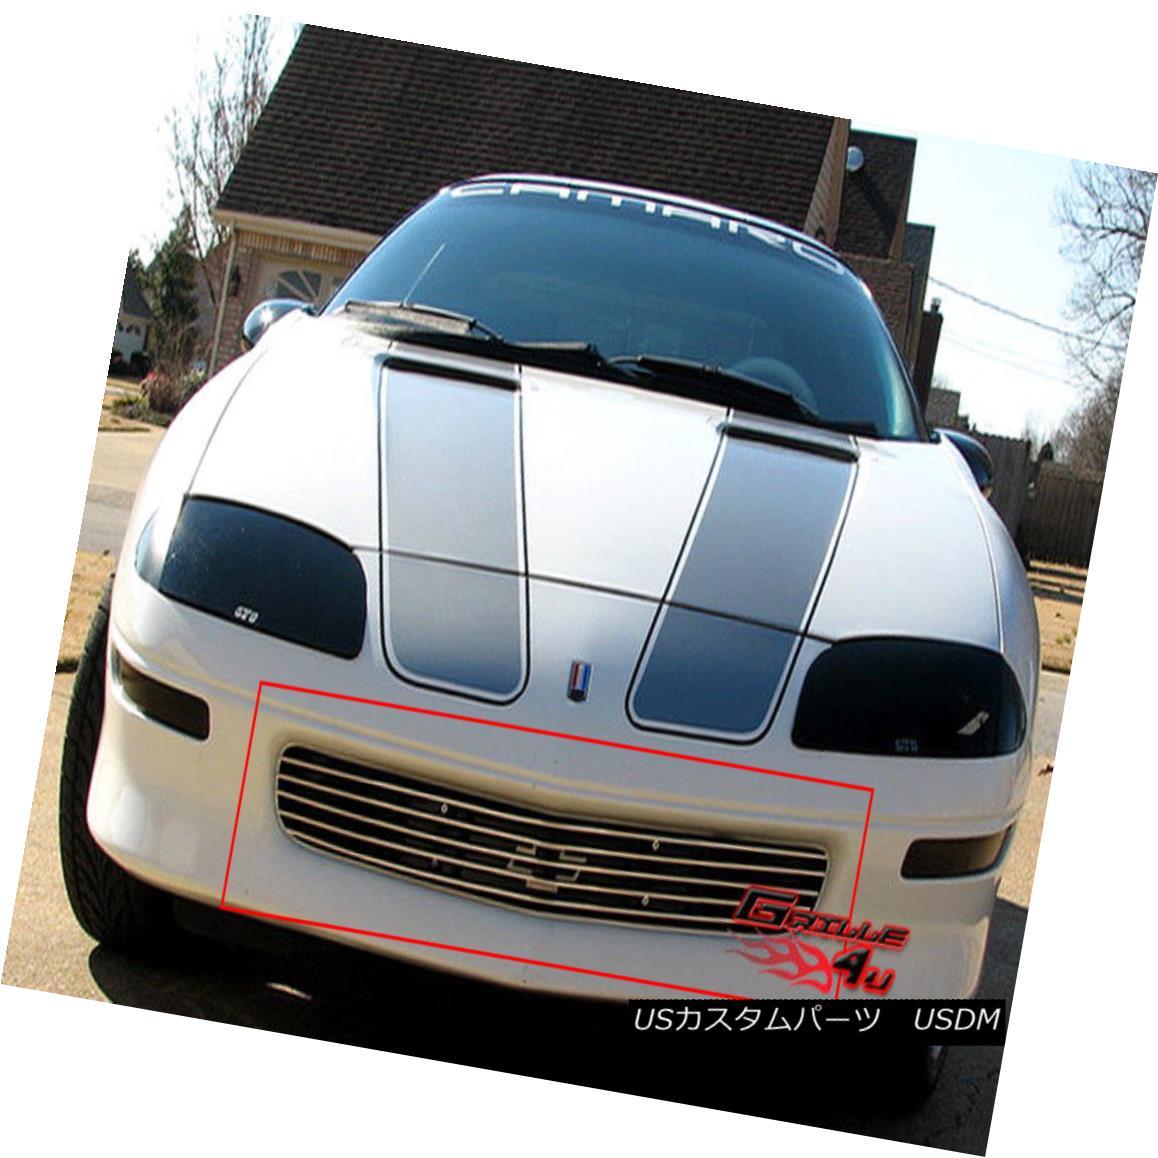 グリル Fits 93-97 Chevy Camaro Main Upper Billet Grille Insert フィット93-97 Chevy Camaroメインアッパービレットグリルインサート